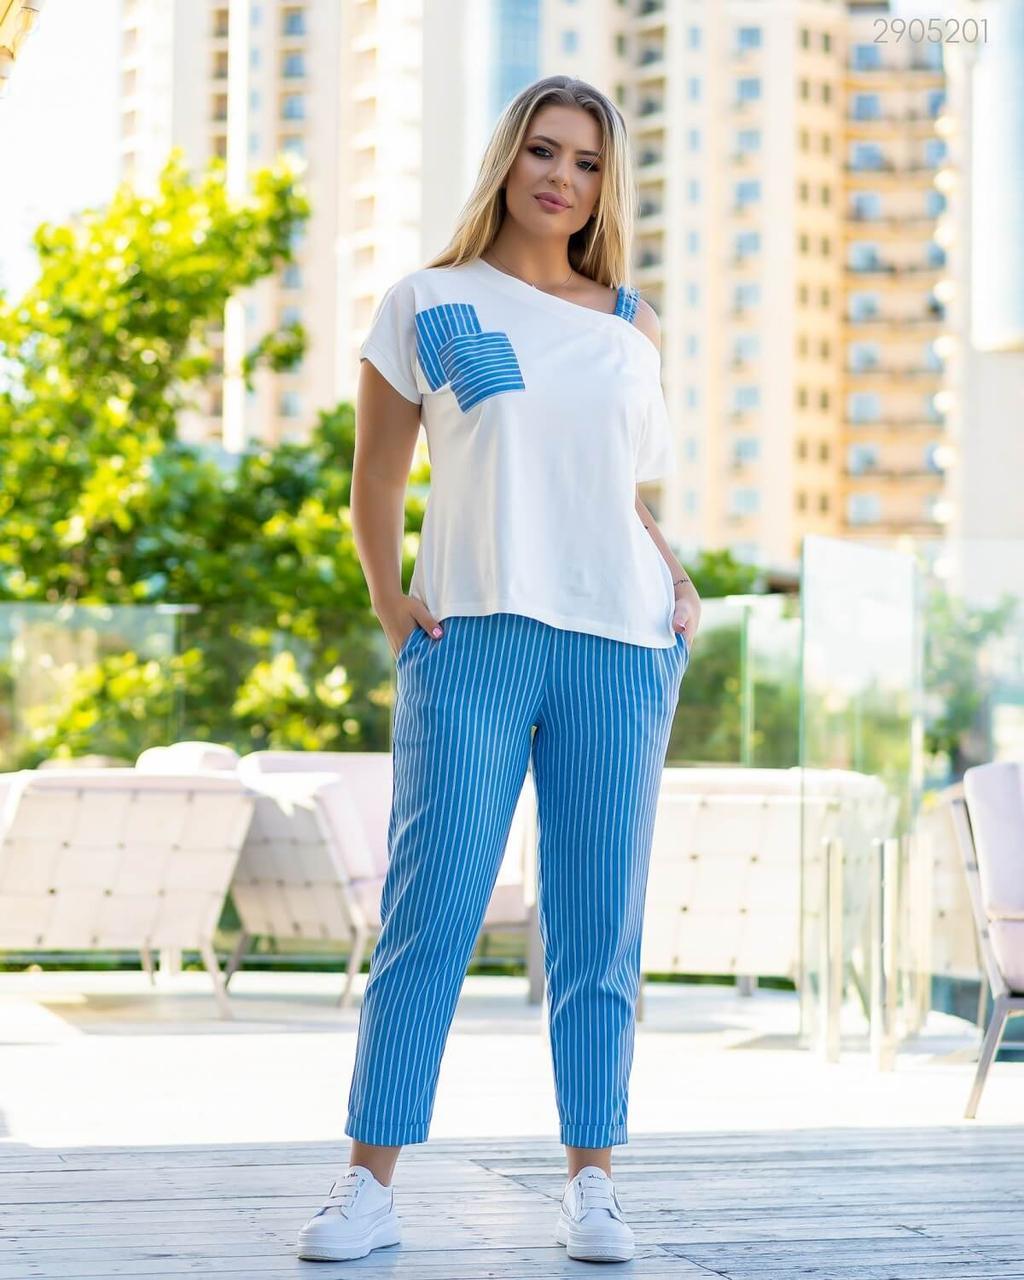 Женский летний брючный костюм в больших размерах с футболкой с открытым плечом и брюками - каррот 83ba740